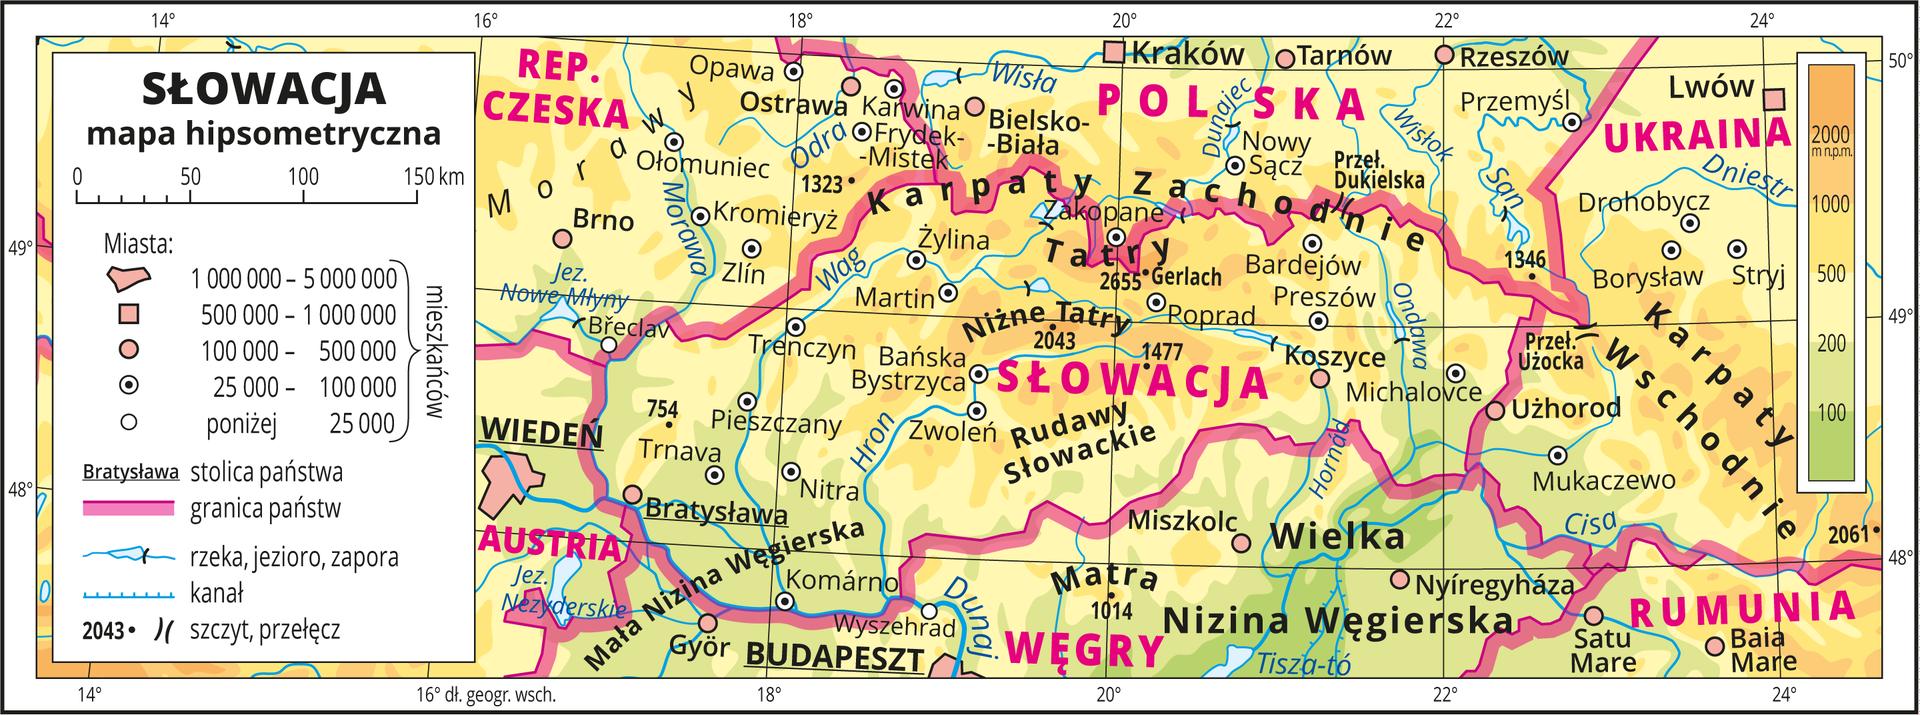 Ilustracja przedstawia mapę hipsometryczną Słowacji. Wobrębie lądów występują obszary wkolorze zielonym, żółtym ipomarańczowym. Przeważają obszary wkolorze żółtym ipomarańczowym. Na mapie opisano nazwy nizin, wyżyn, pasm górskich, rzek ijezior. Oznaczono iopisano główne miasta. Oznaczono czarnymi kropkami iopisano szczyty górskie. Różową wstążką oznaczono granice państw. Kolorem czerwonym opisano państwa sąsiadujące ze Słowacją. Mapa pokryta jest równoleżnikami ipołudnikami. Dookoła mapy wbiałej ramce opisano współrzędne geograficzne co dwa stopnie. Wlegendzie umieszczono iopisano znaki użyte na mapie.